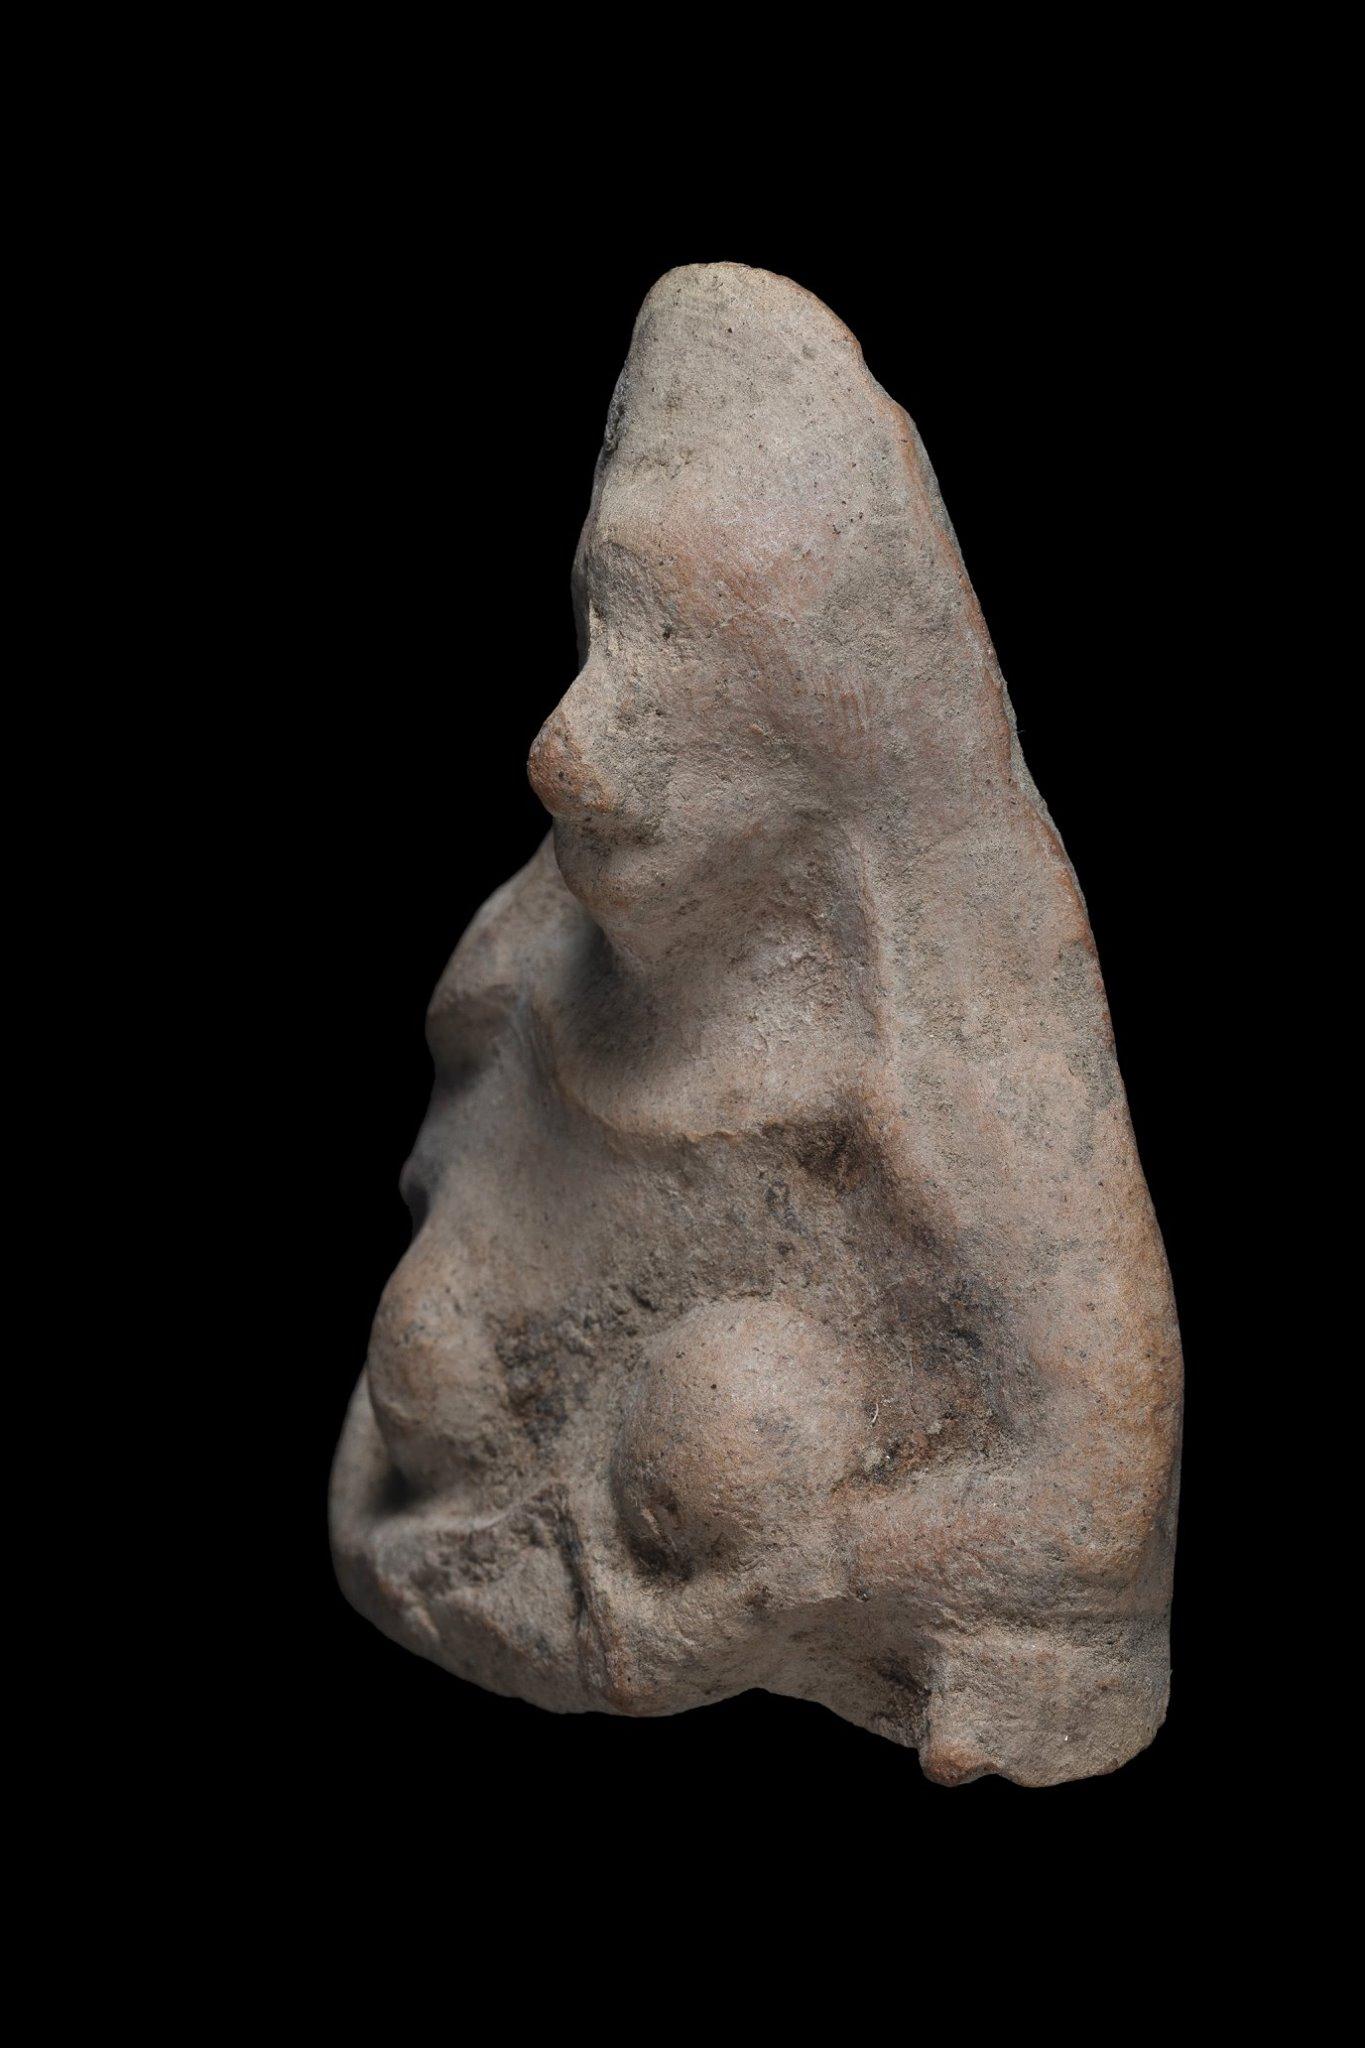 В Израиле 11-летний мальчик нашел уникальную статуэтку, которой 2500 лет – фото